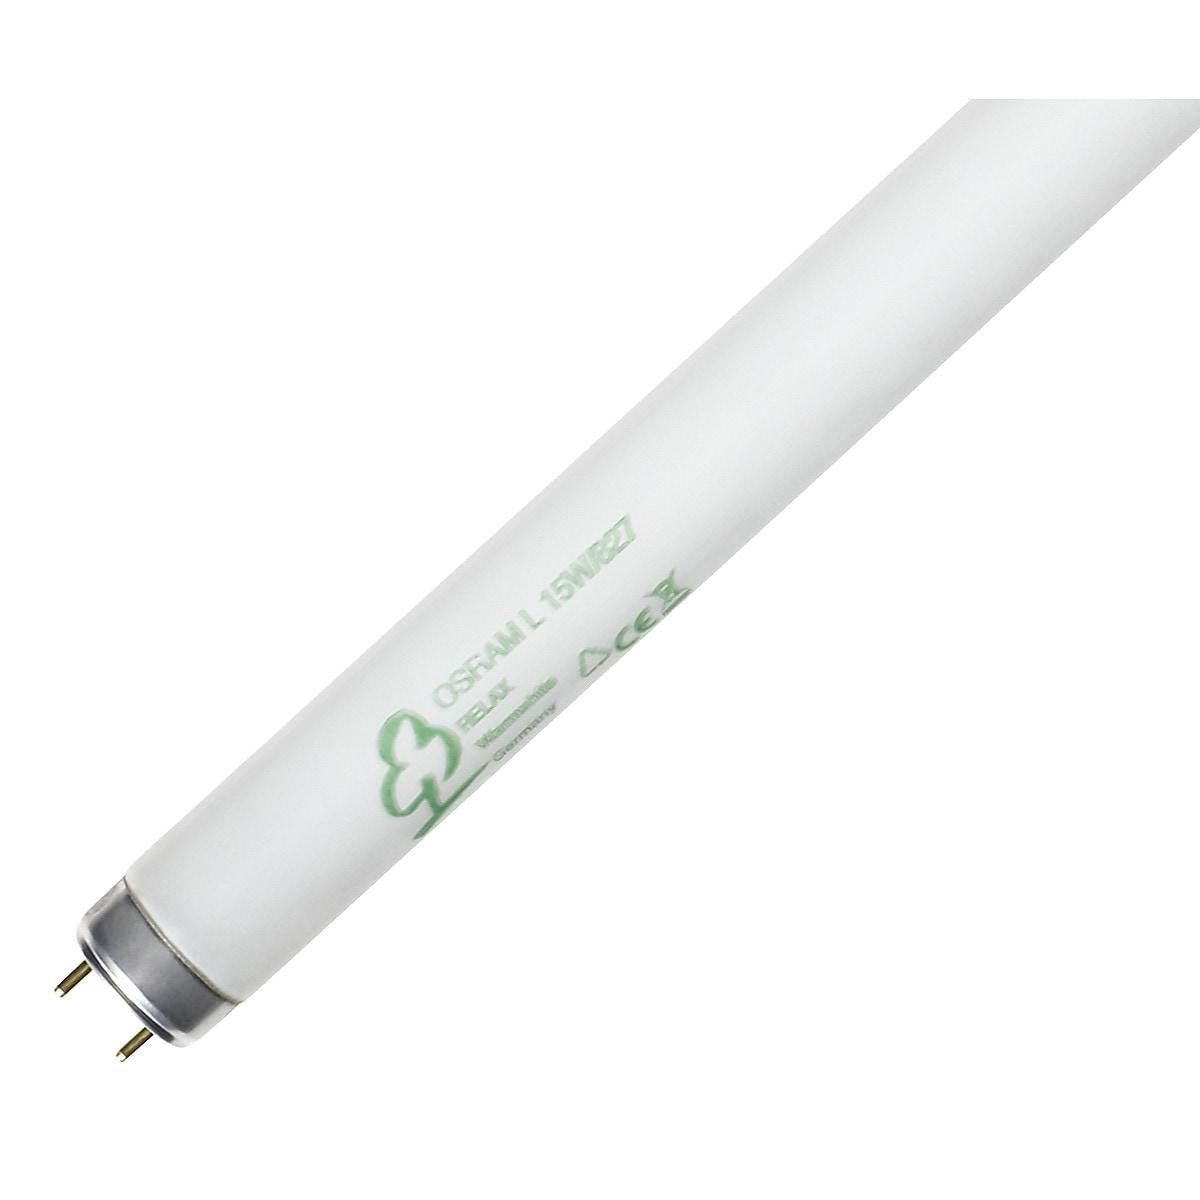 Osram T8 lysrør 15 W 438 mm